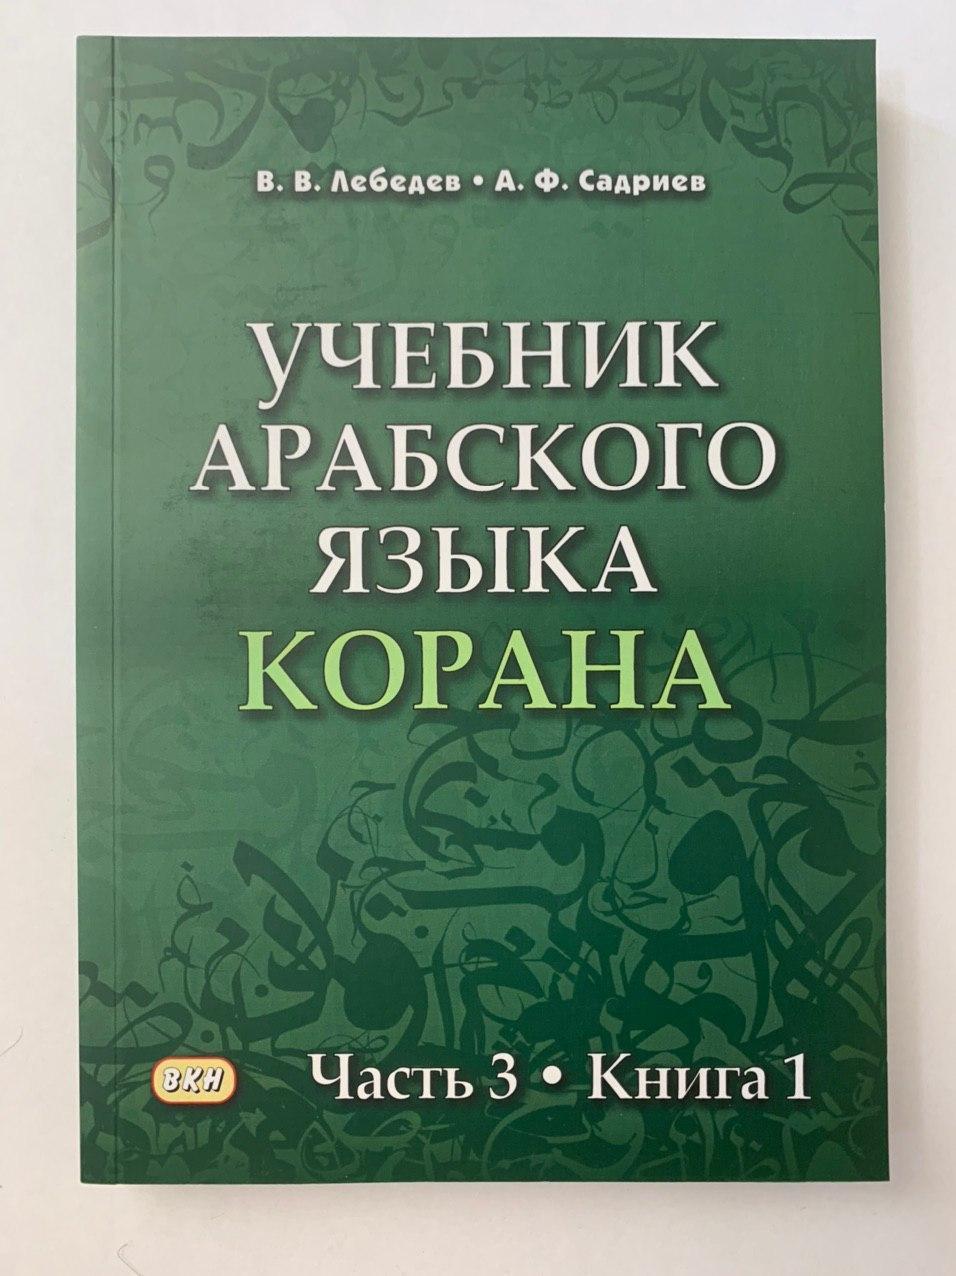 Учебник арабского языка Корана часть 3 книга 1 В.В. Лебедев